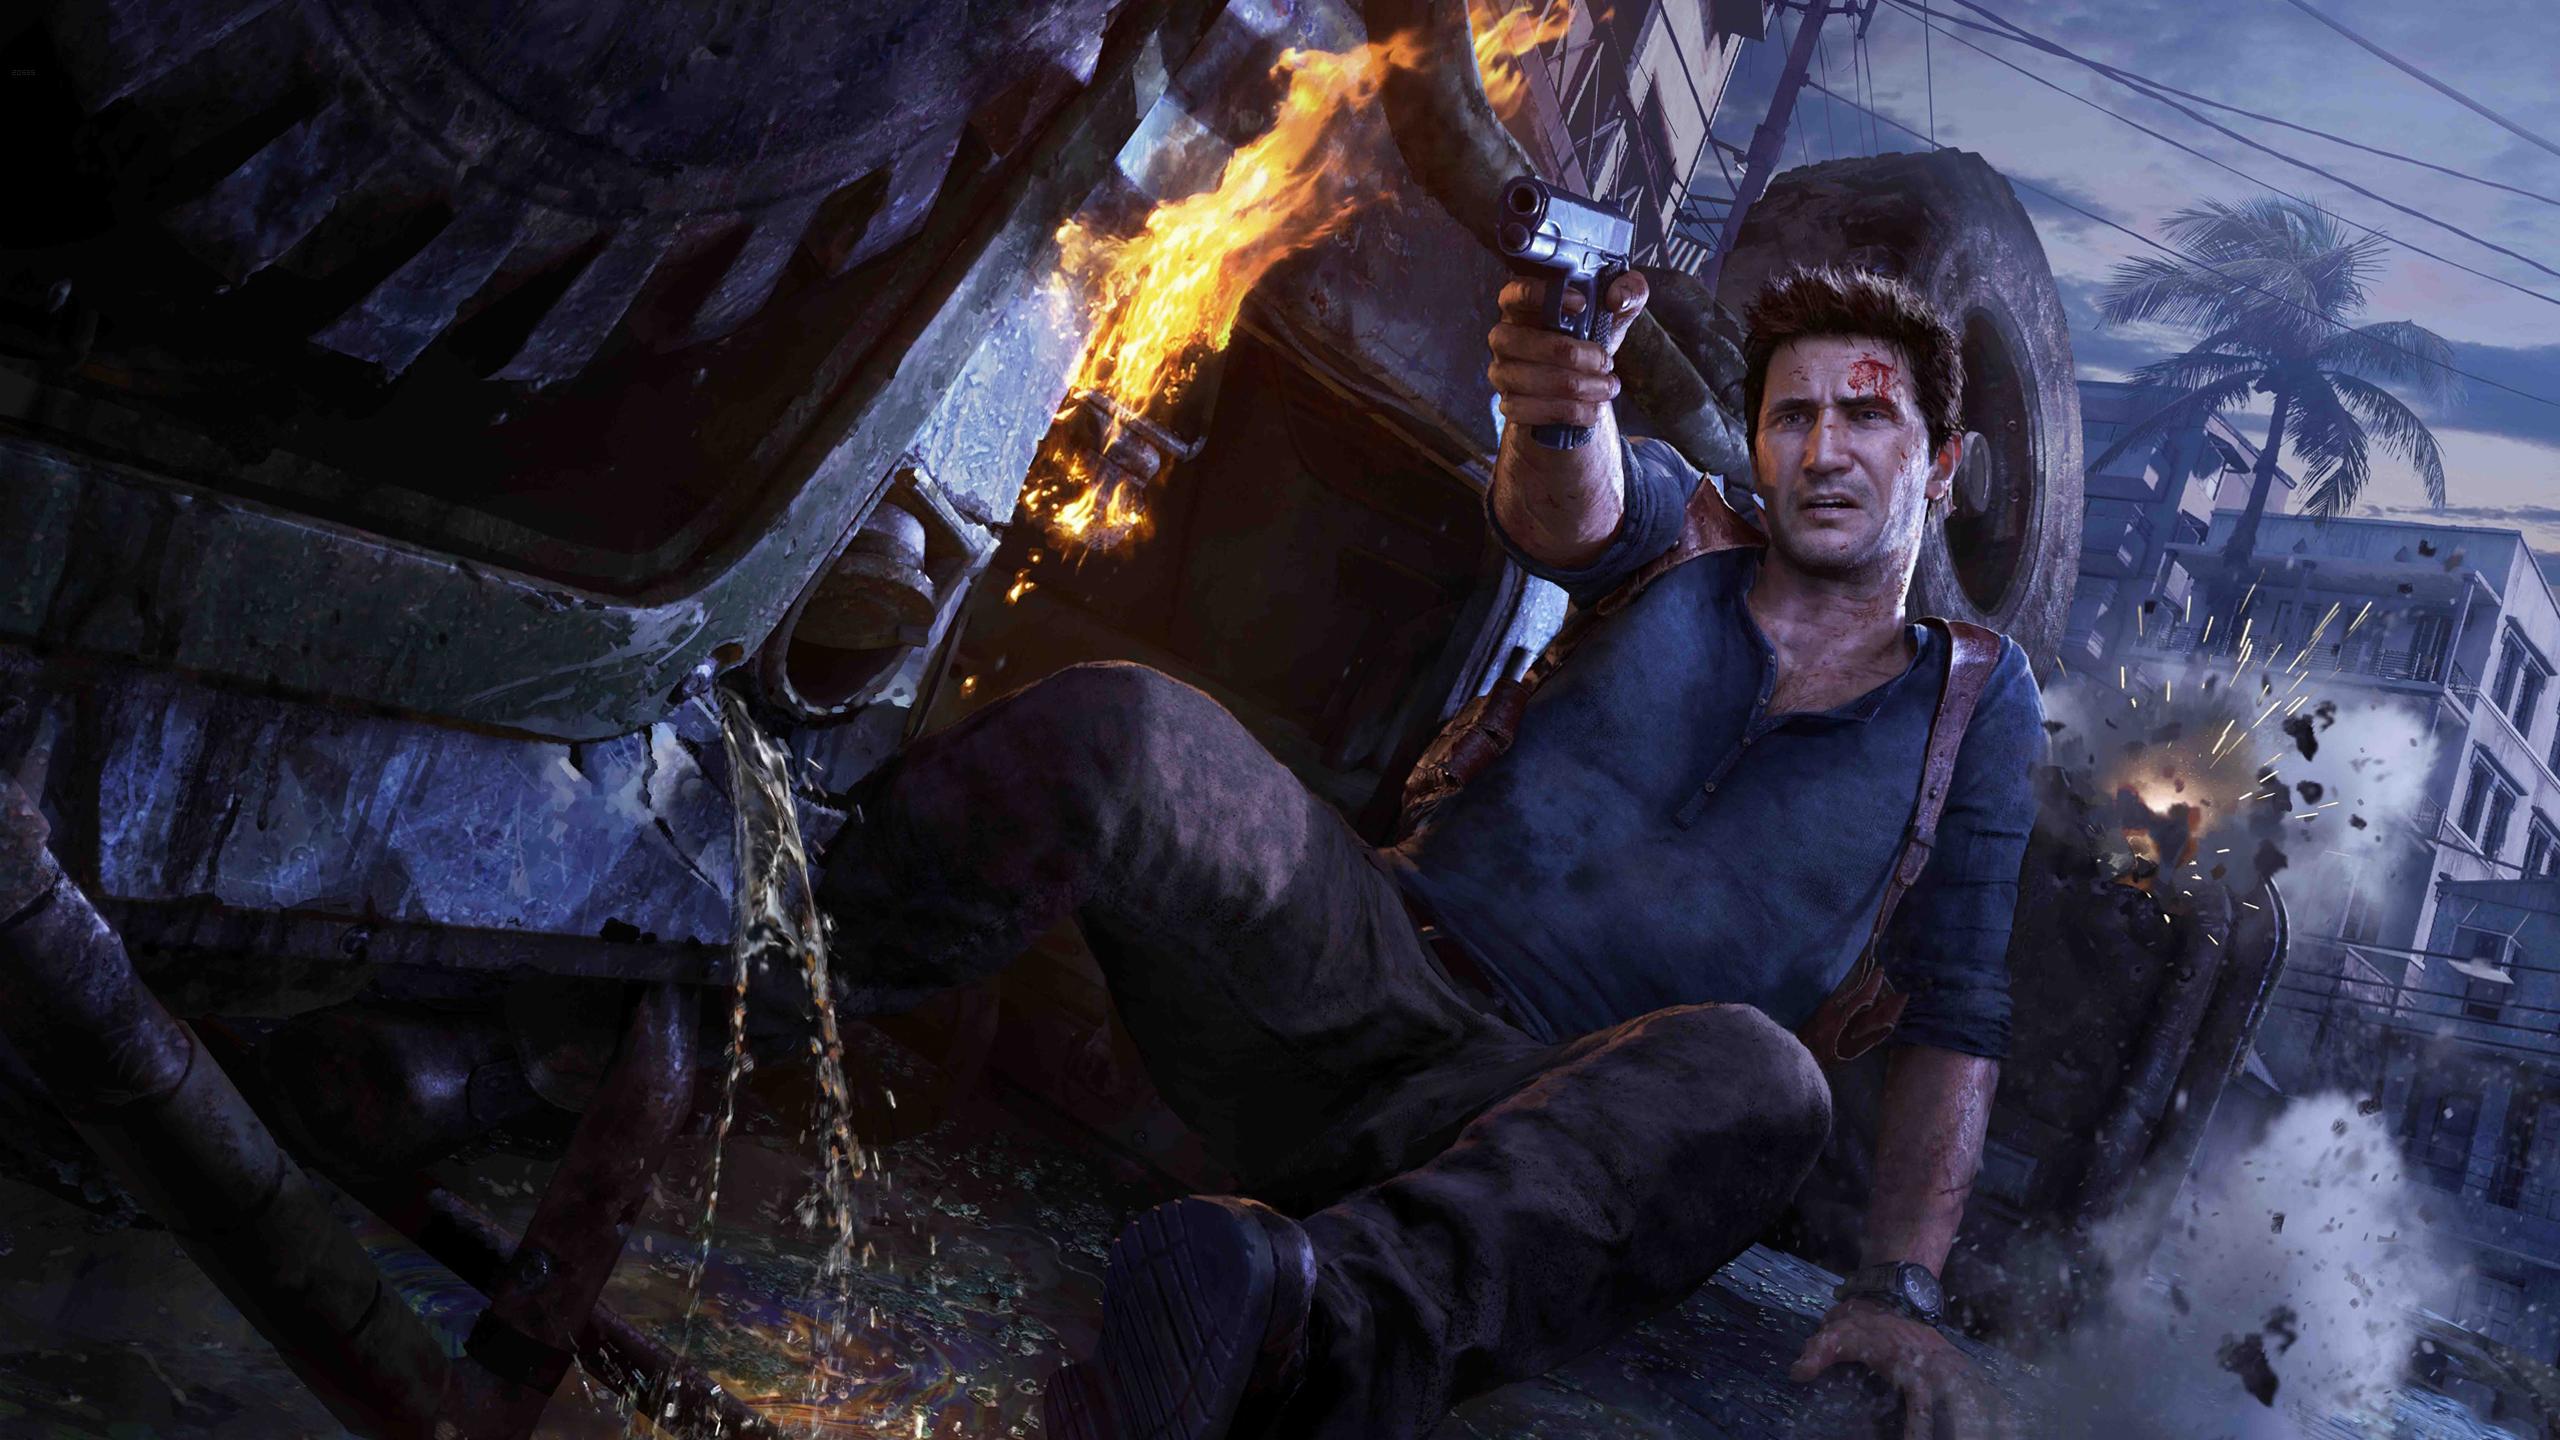 Похоже, что Naughty Dog готовится к разработке PC-версий своих игр